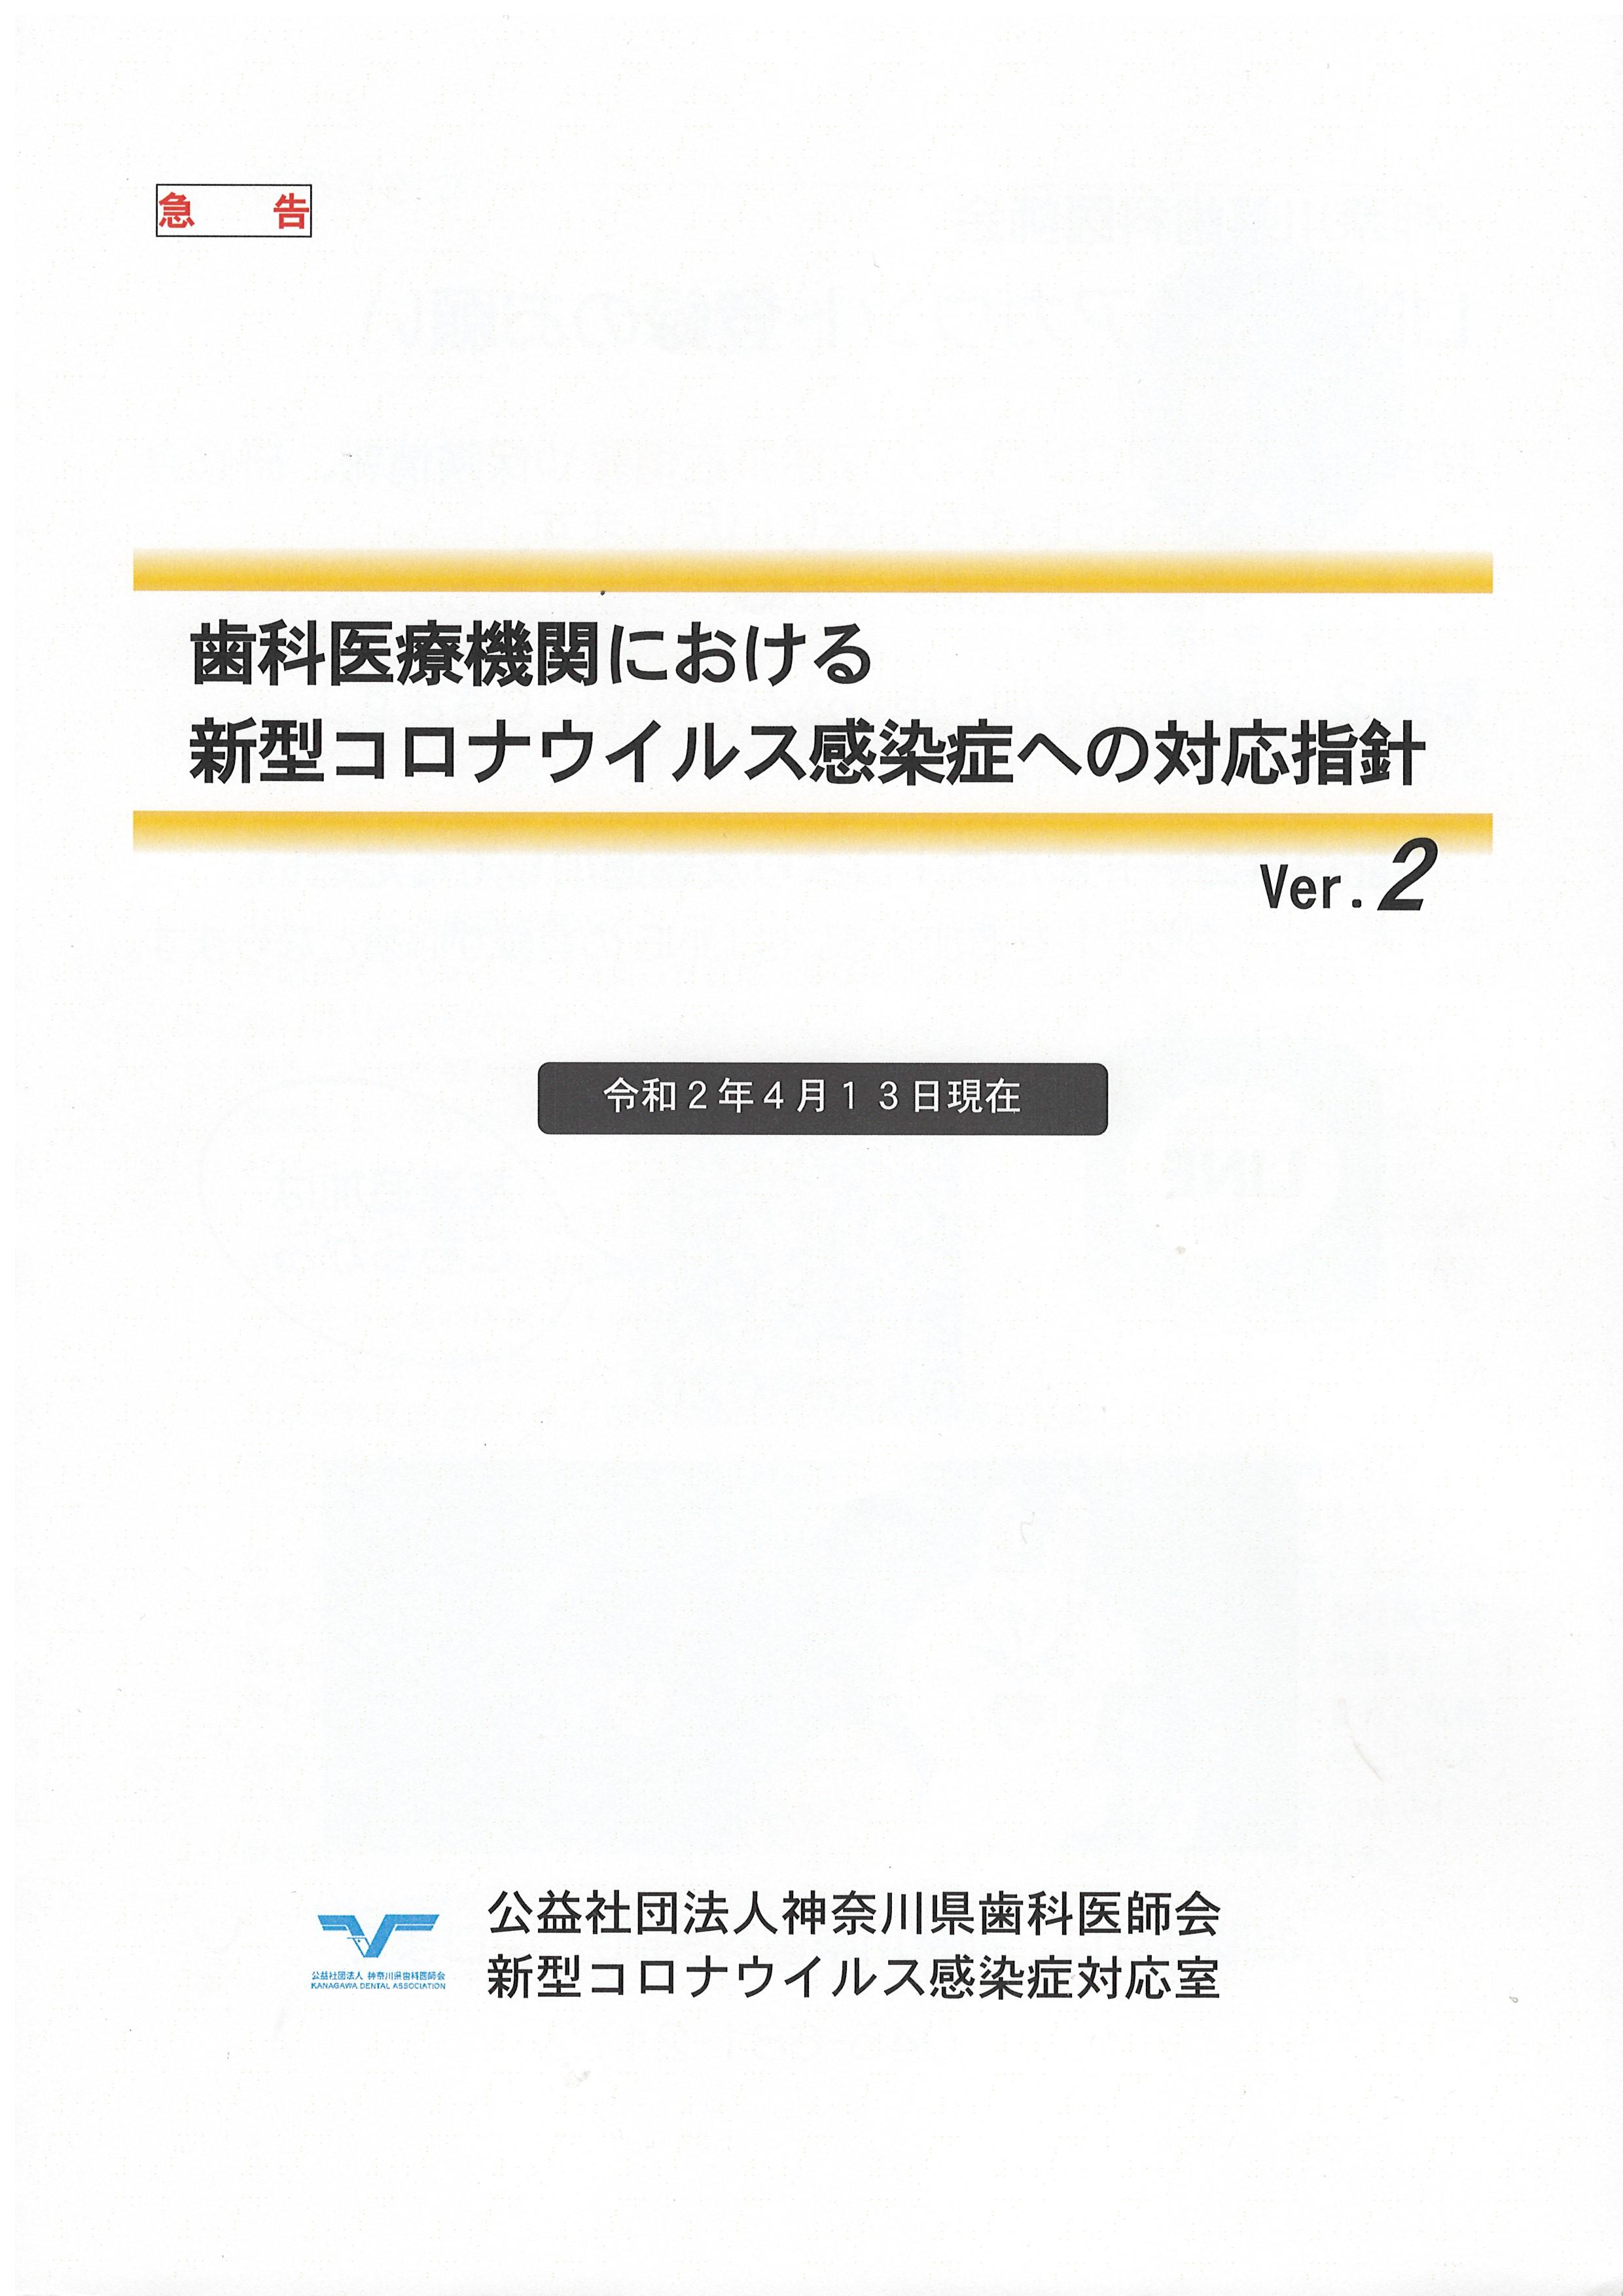 参考文献 歯科医療機関における新型コロナウイルス感染症への対応指針